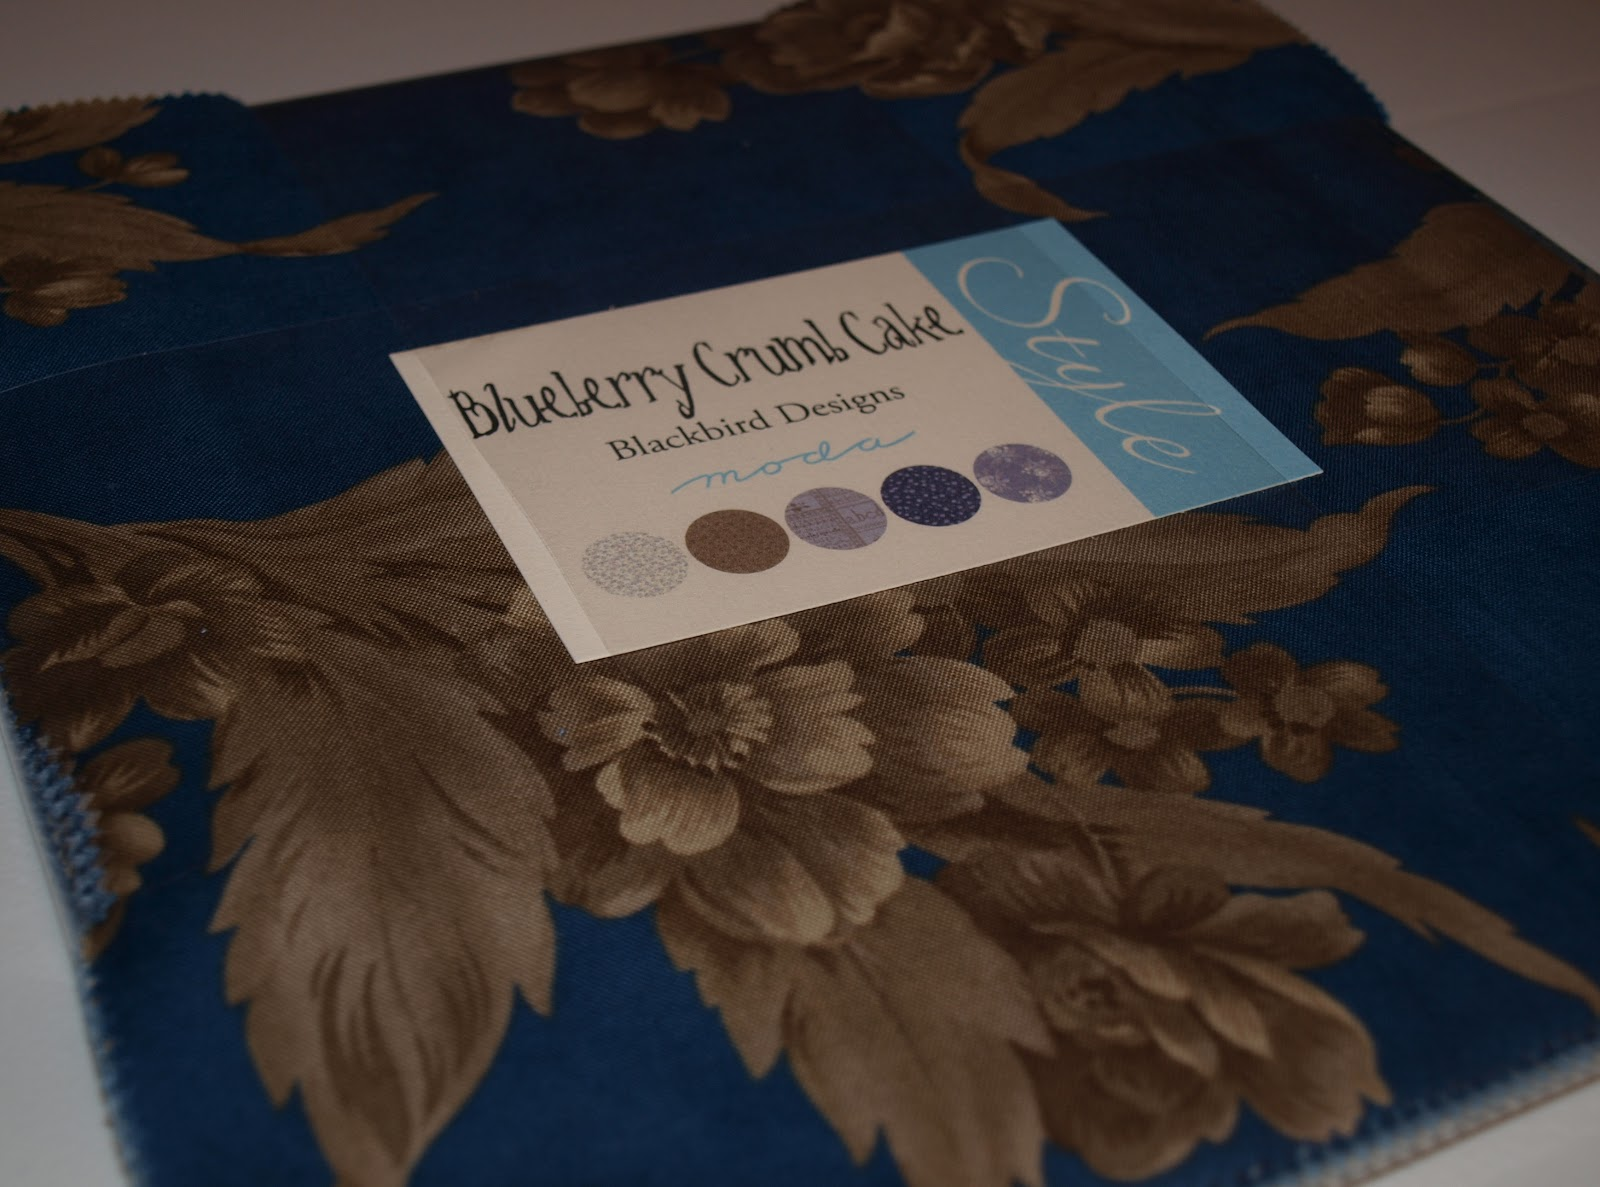 A little bit of heaven mother 39 s day for Beach house blackbird designs moda